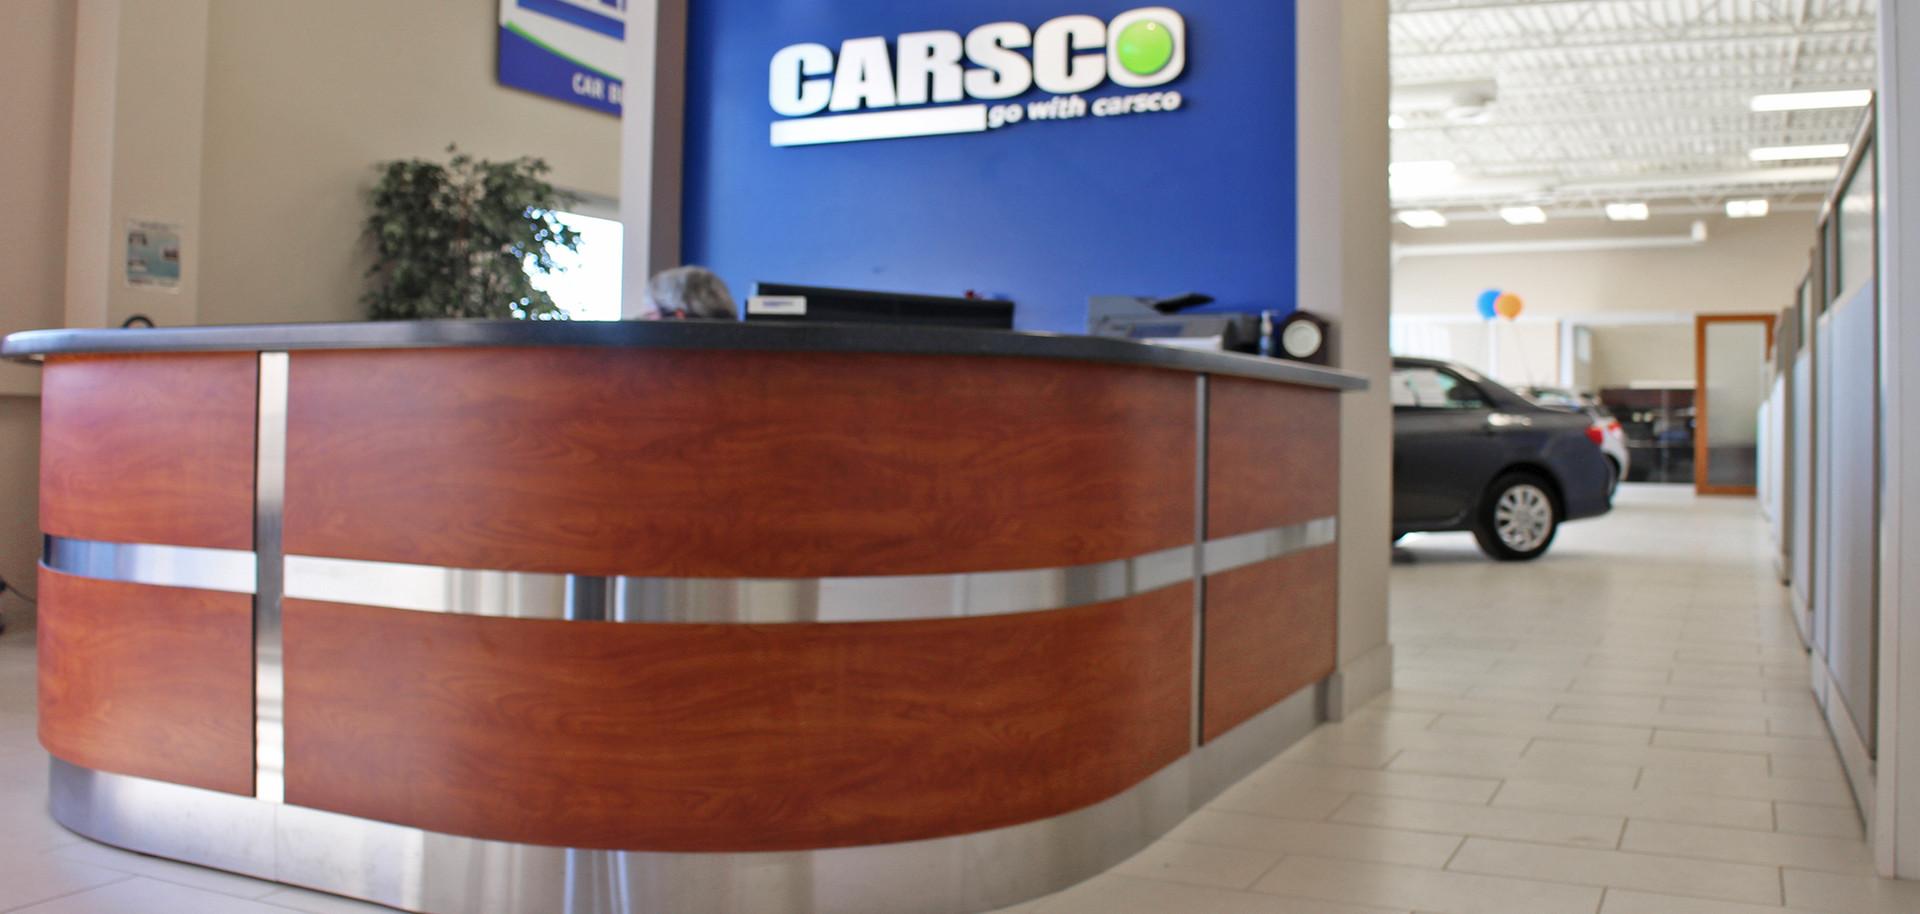 carsco4-2000x1000.jpg